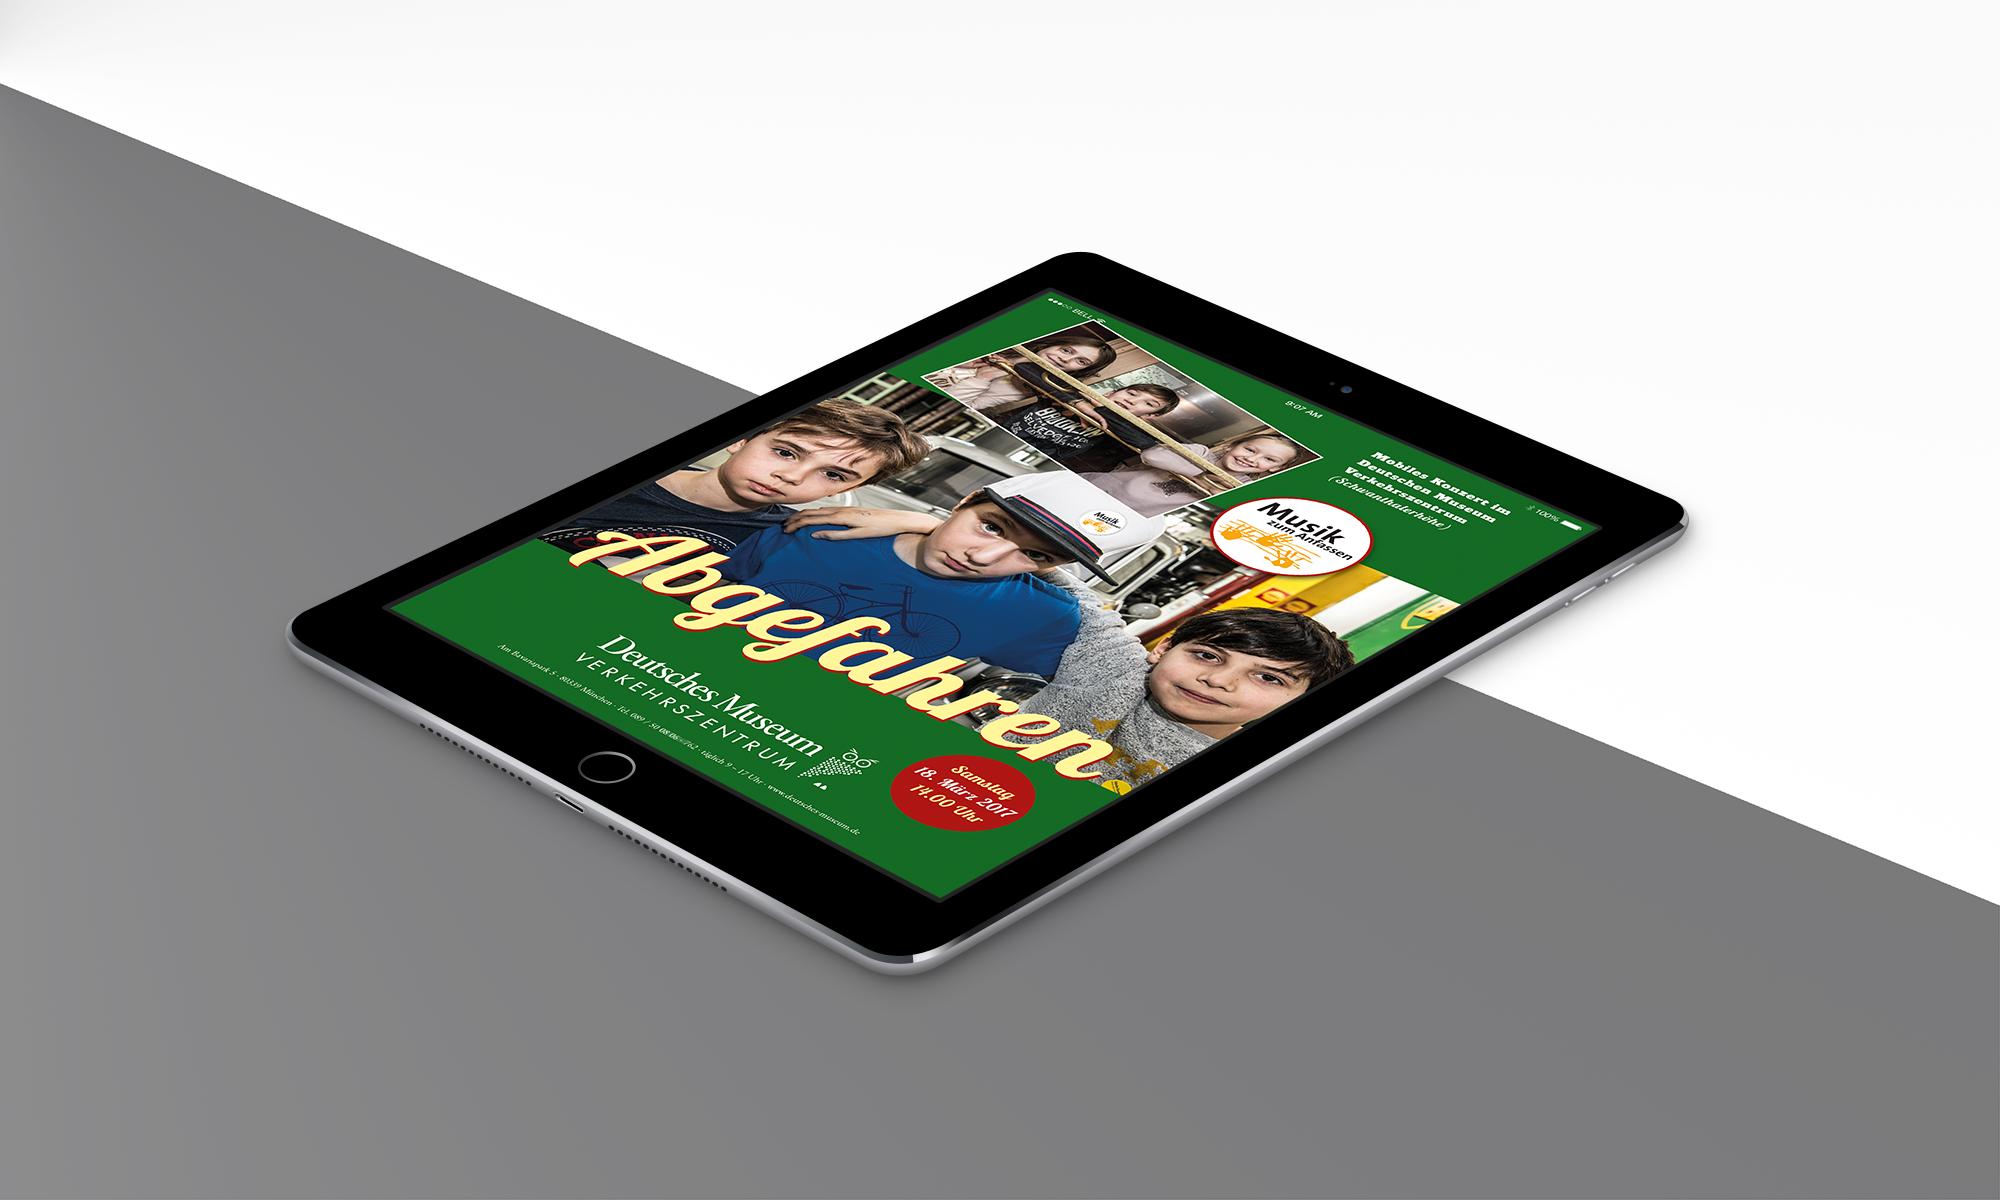 MZA_Abgefahren_iPad